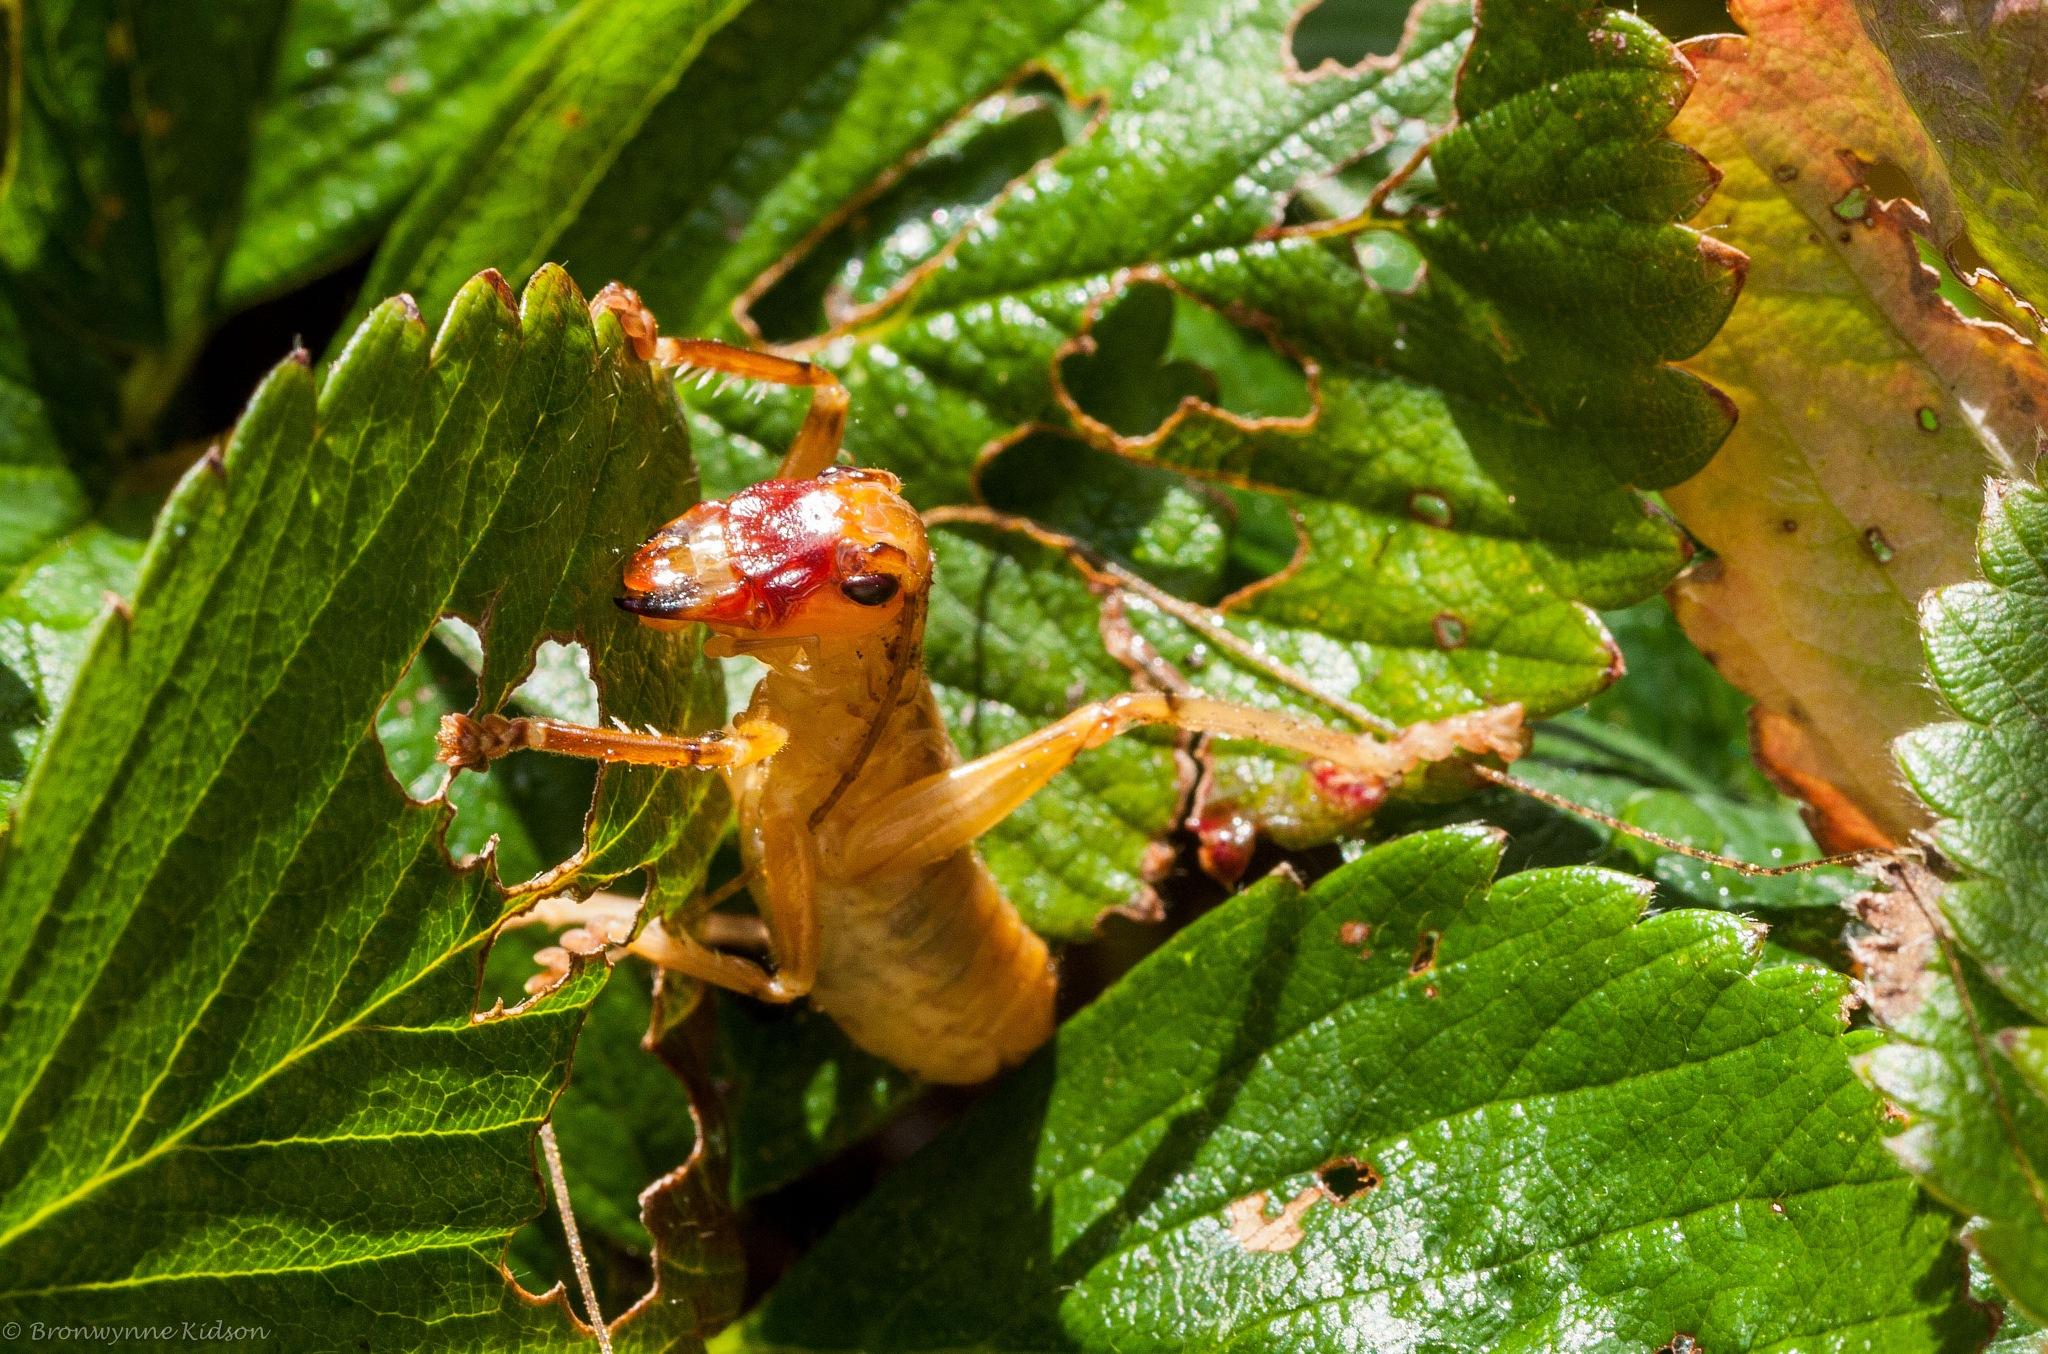 Grasshopper 3 by Bronwynne Kidson